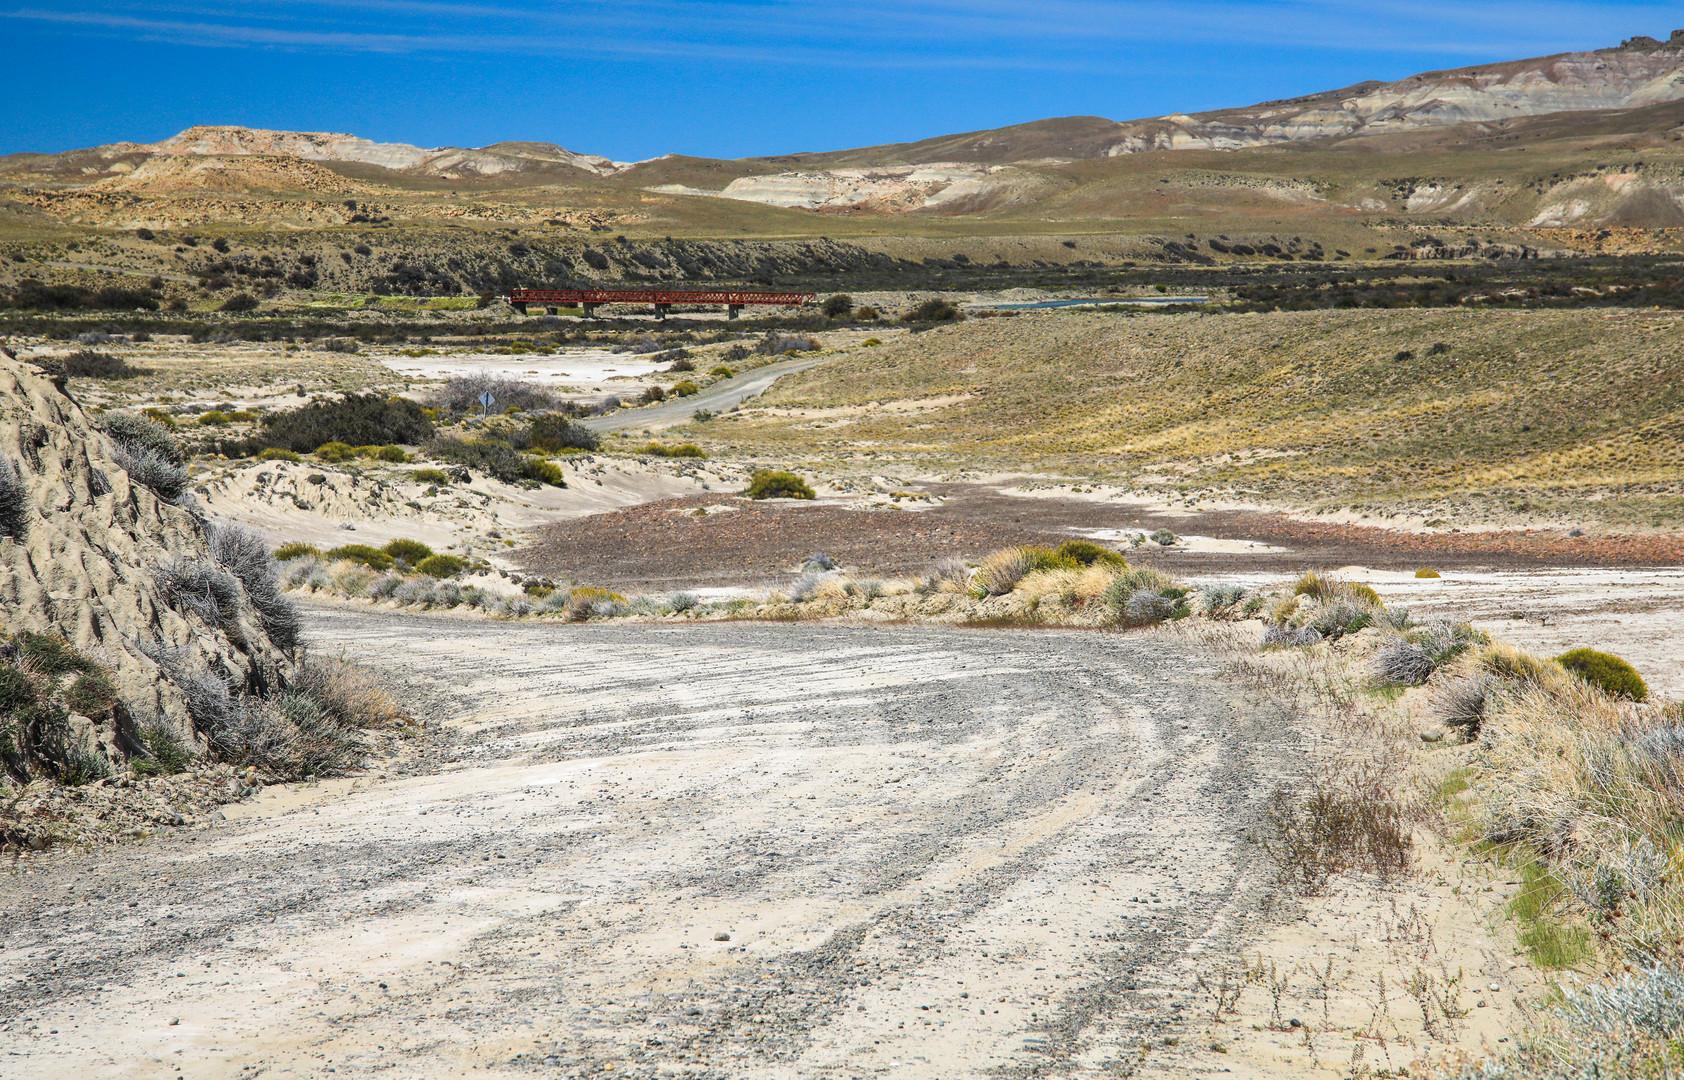 Fahrt nach El Chalten 7